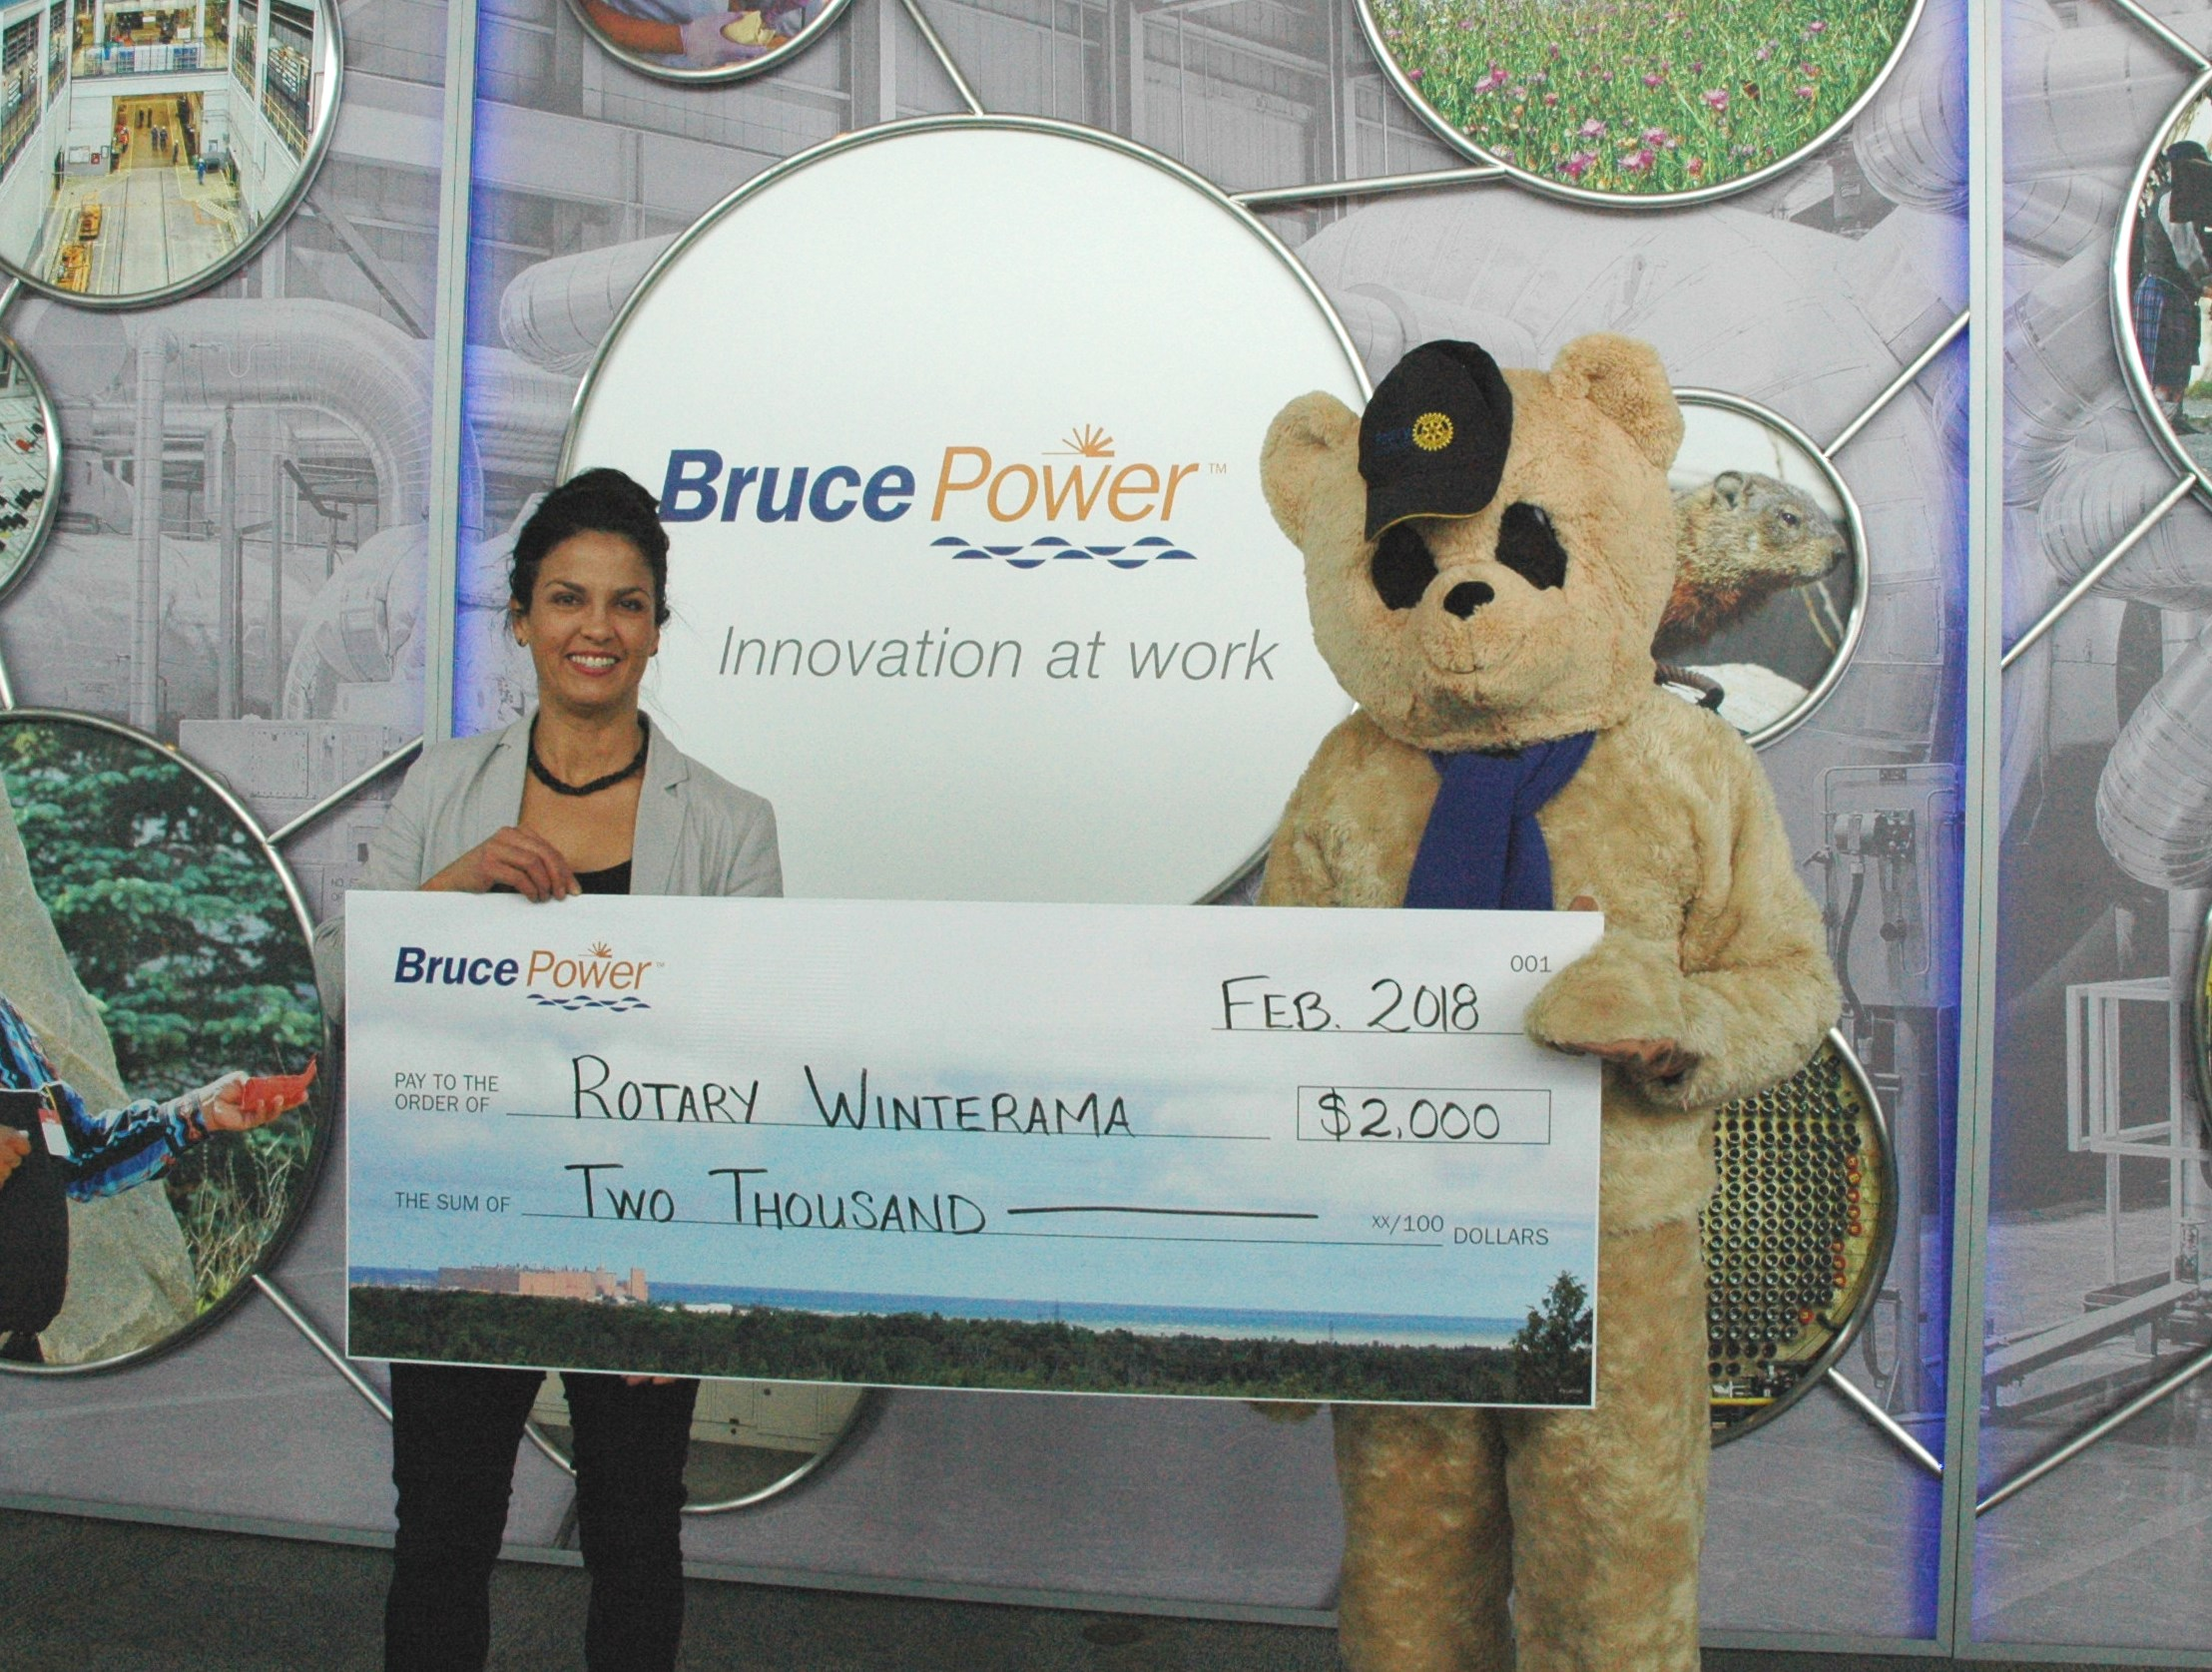 Rotary Winterama donation